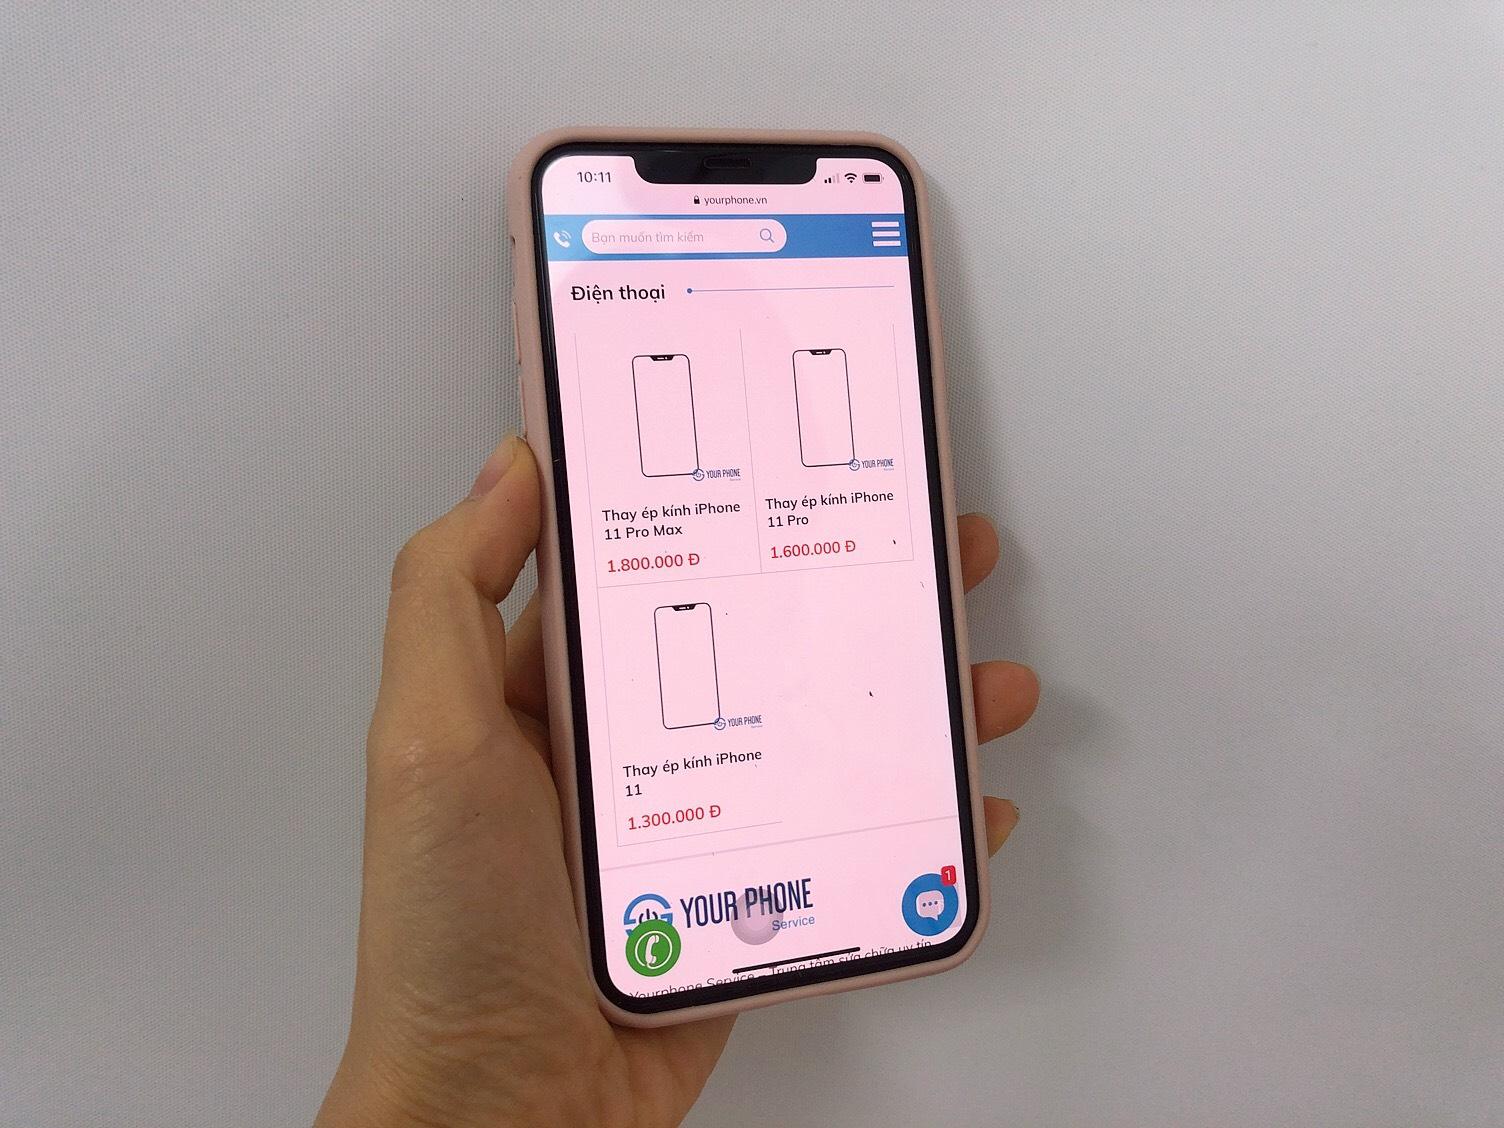 Yourphone thay ép kính iPhone 11 Pro Max uy tín, giá rẻ tại Hà Nội